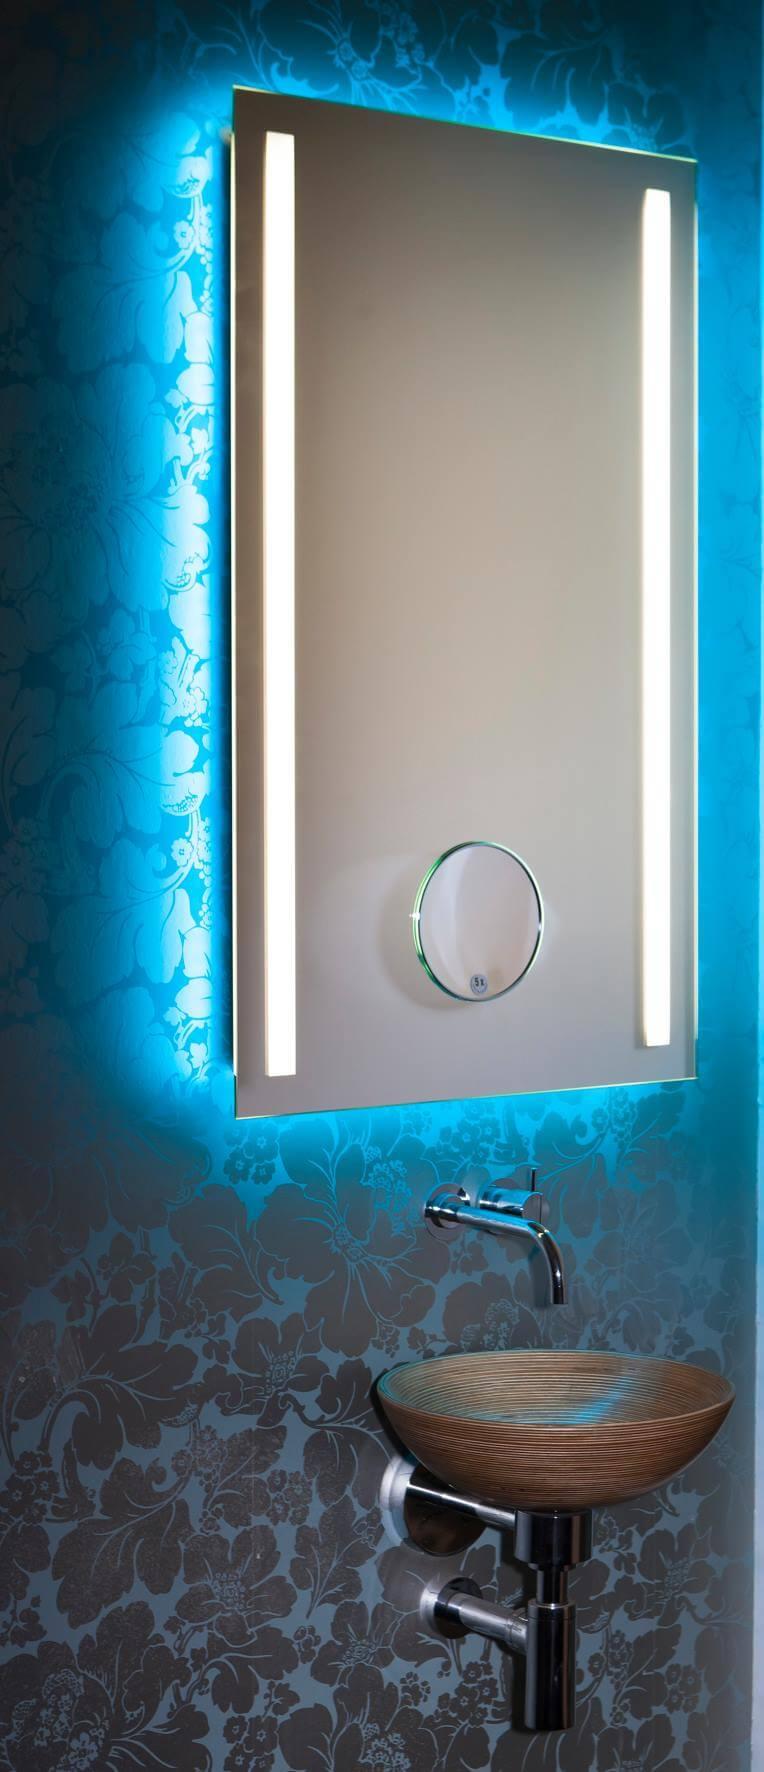 Der Lichtfarbenspiegel by Torsten Müller ist erhältlich in den vielfältigsten Größen und somit passend im Bad, Spa und Raumdesign und natürlich auch im Gäste WC einzusetzen.